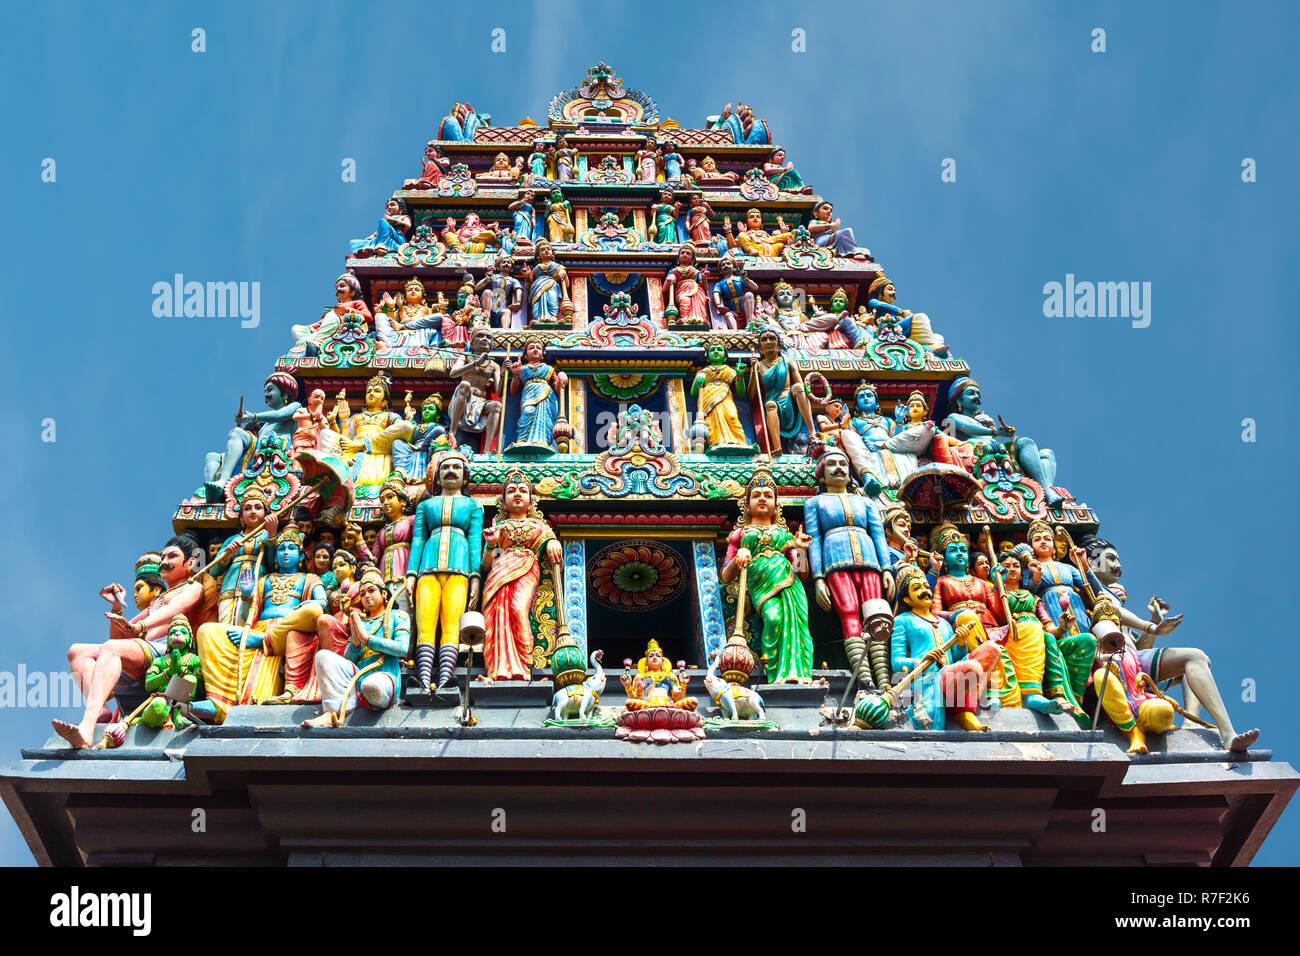 Divinità indù presso Sri Mariamman o Dea Madre tempio indù più antico luogo di culto, Chinatown, Singapore Foto Stock